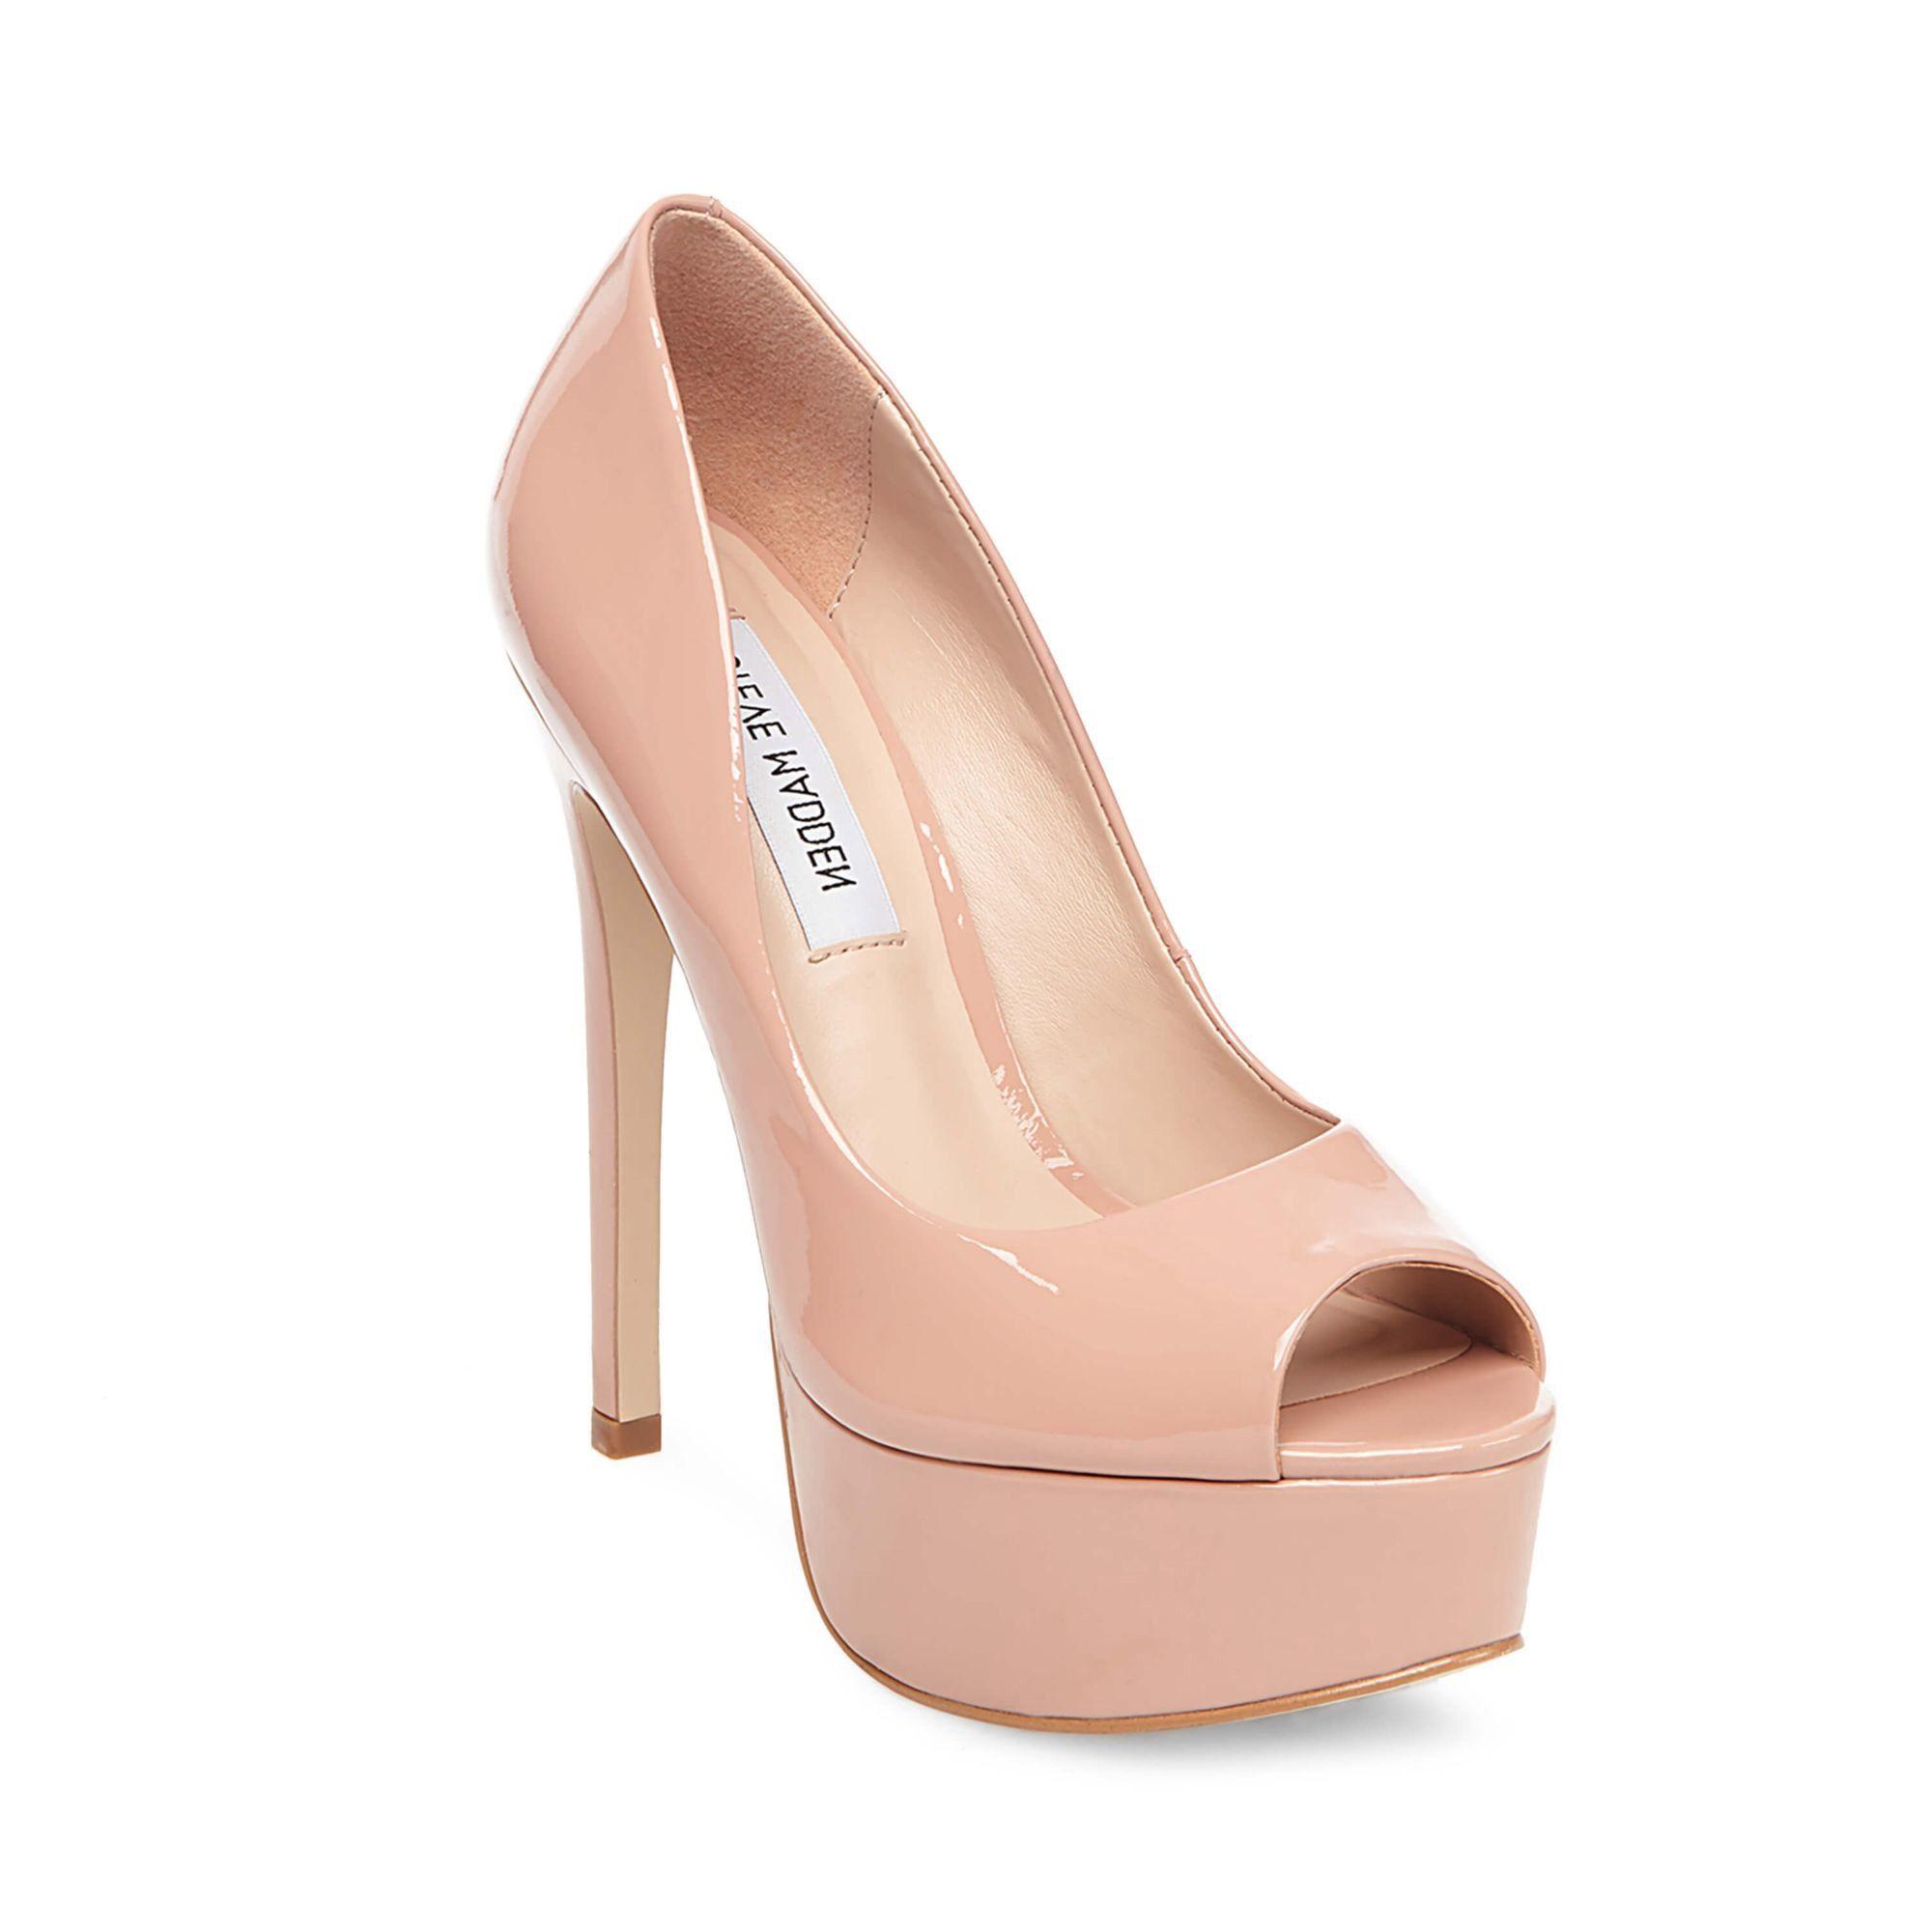 83136bf2df9 STEVE MADDEN DEANNA.  stevemadden  shoes